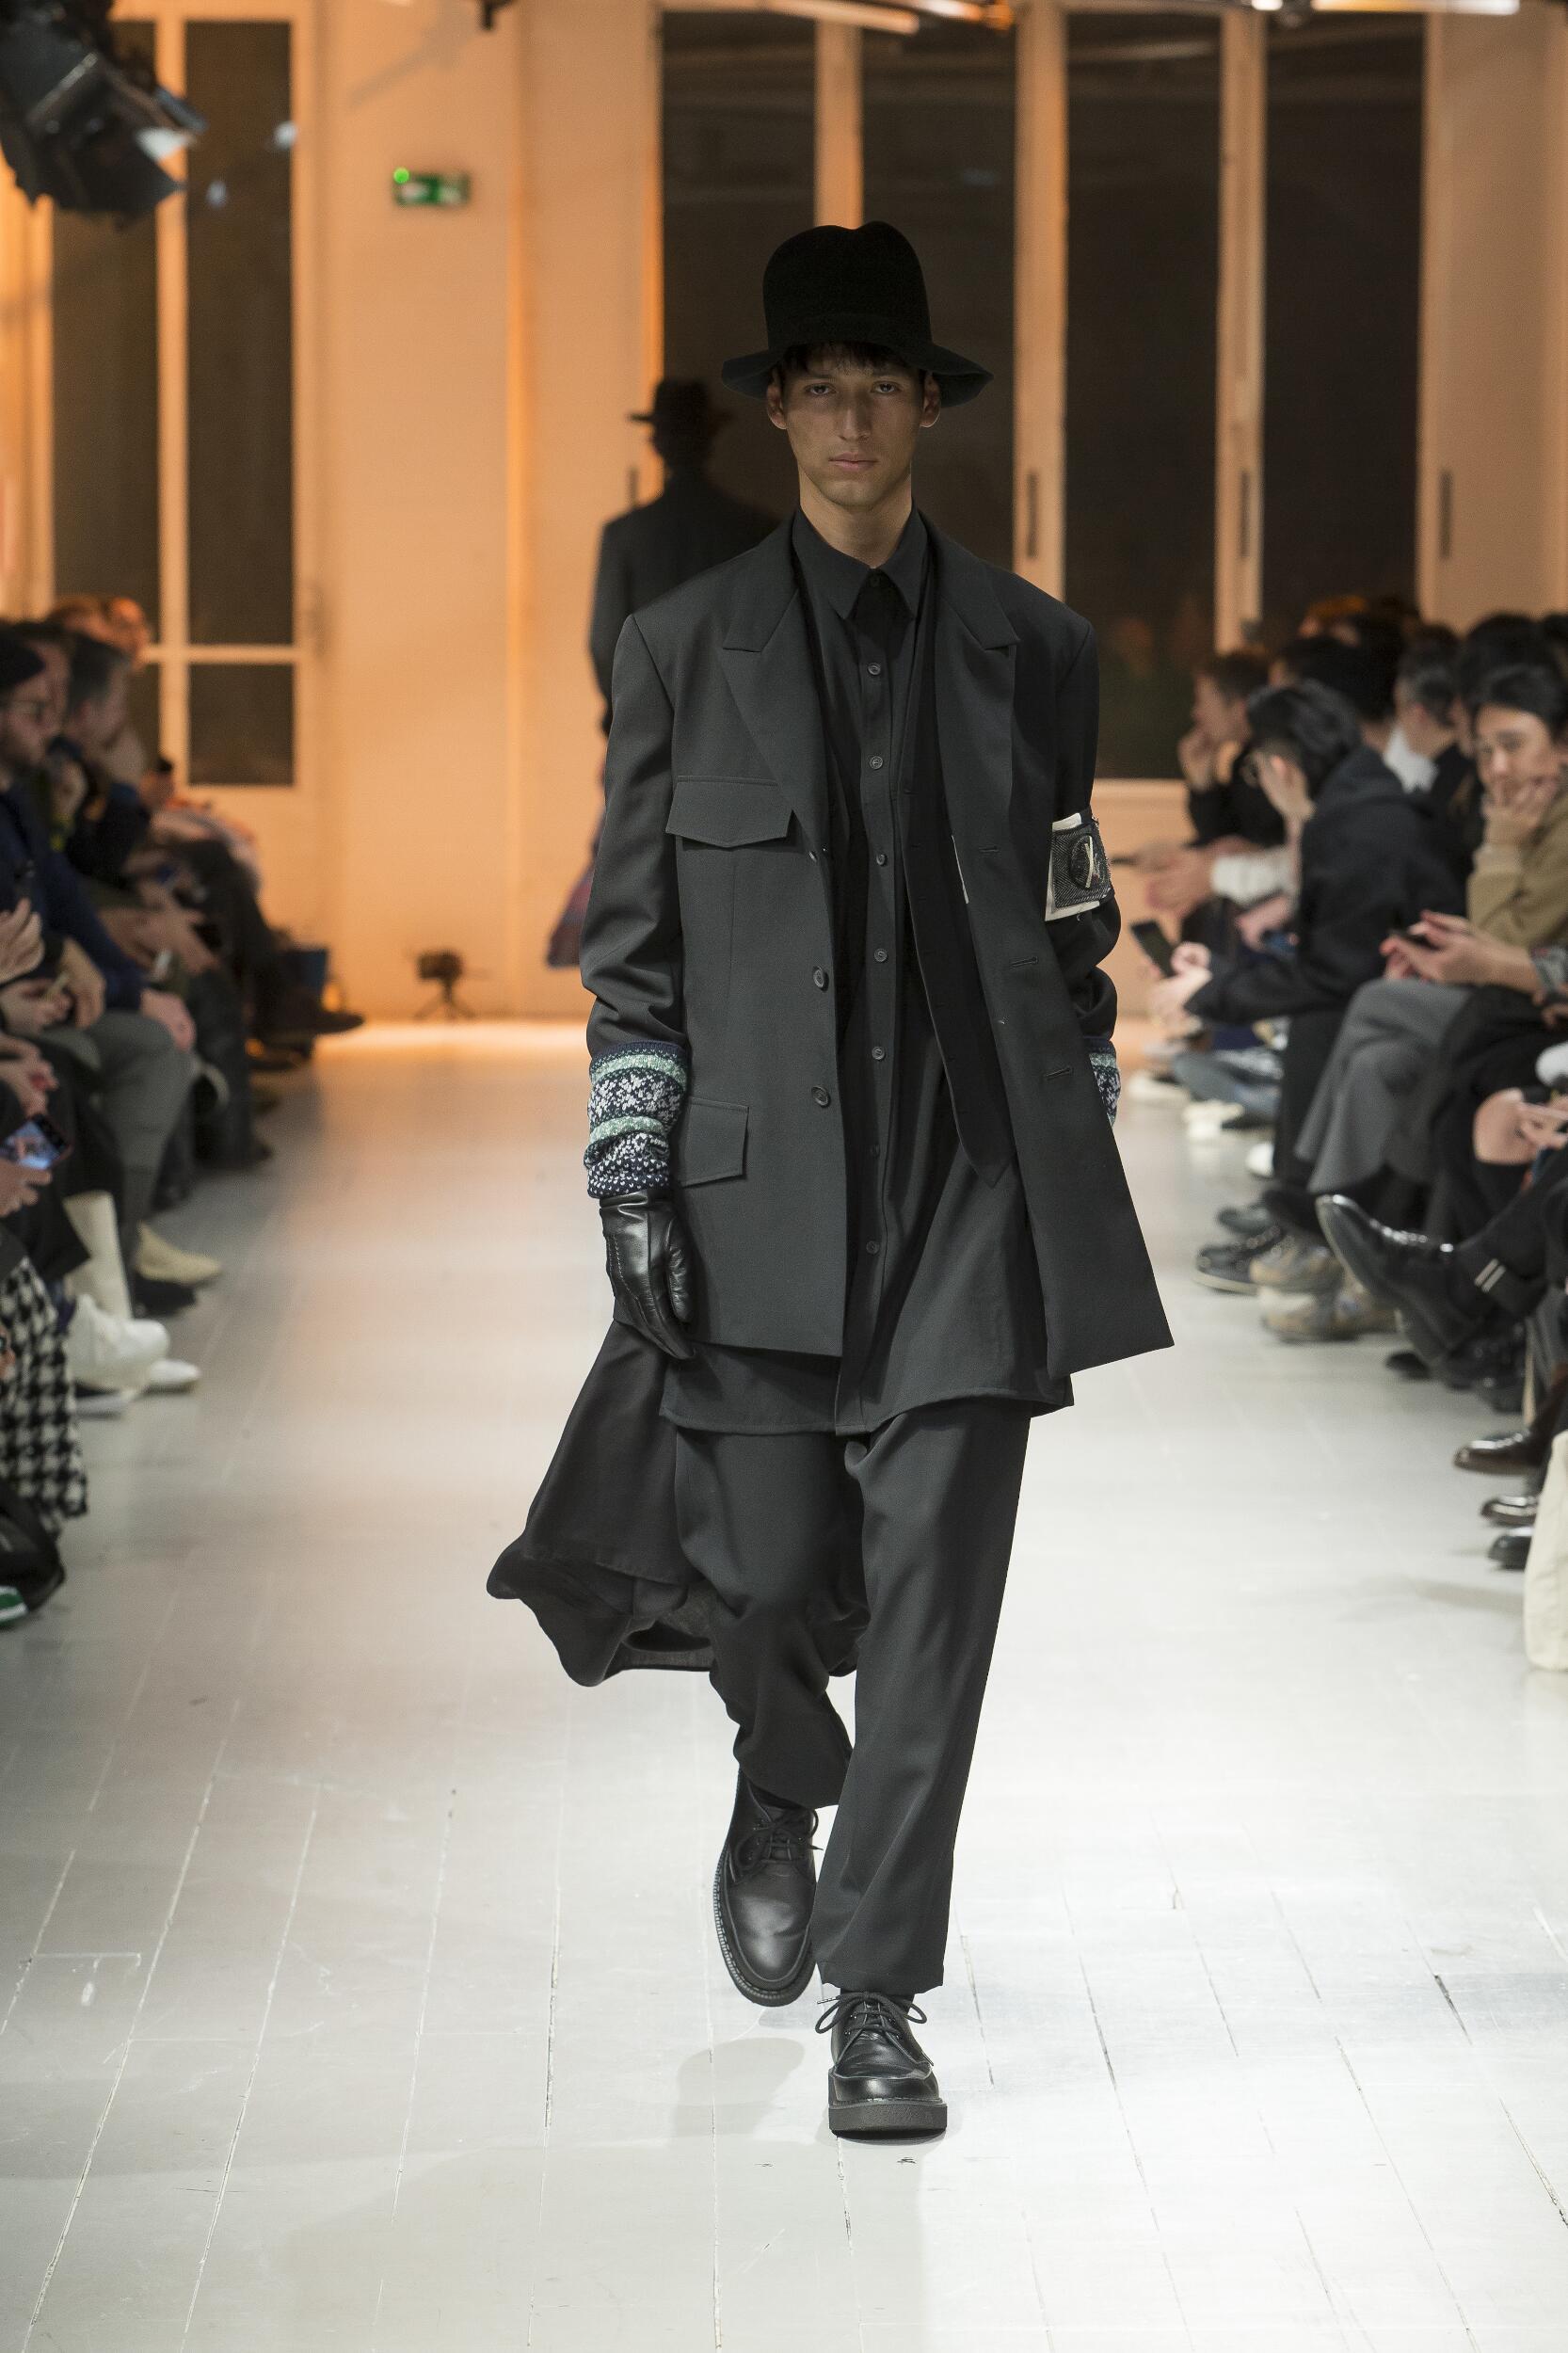 2020 Catwalk Yohji Yamamoto Man Fashion Show Winter